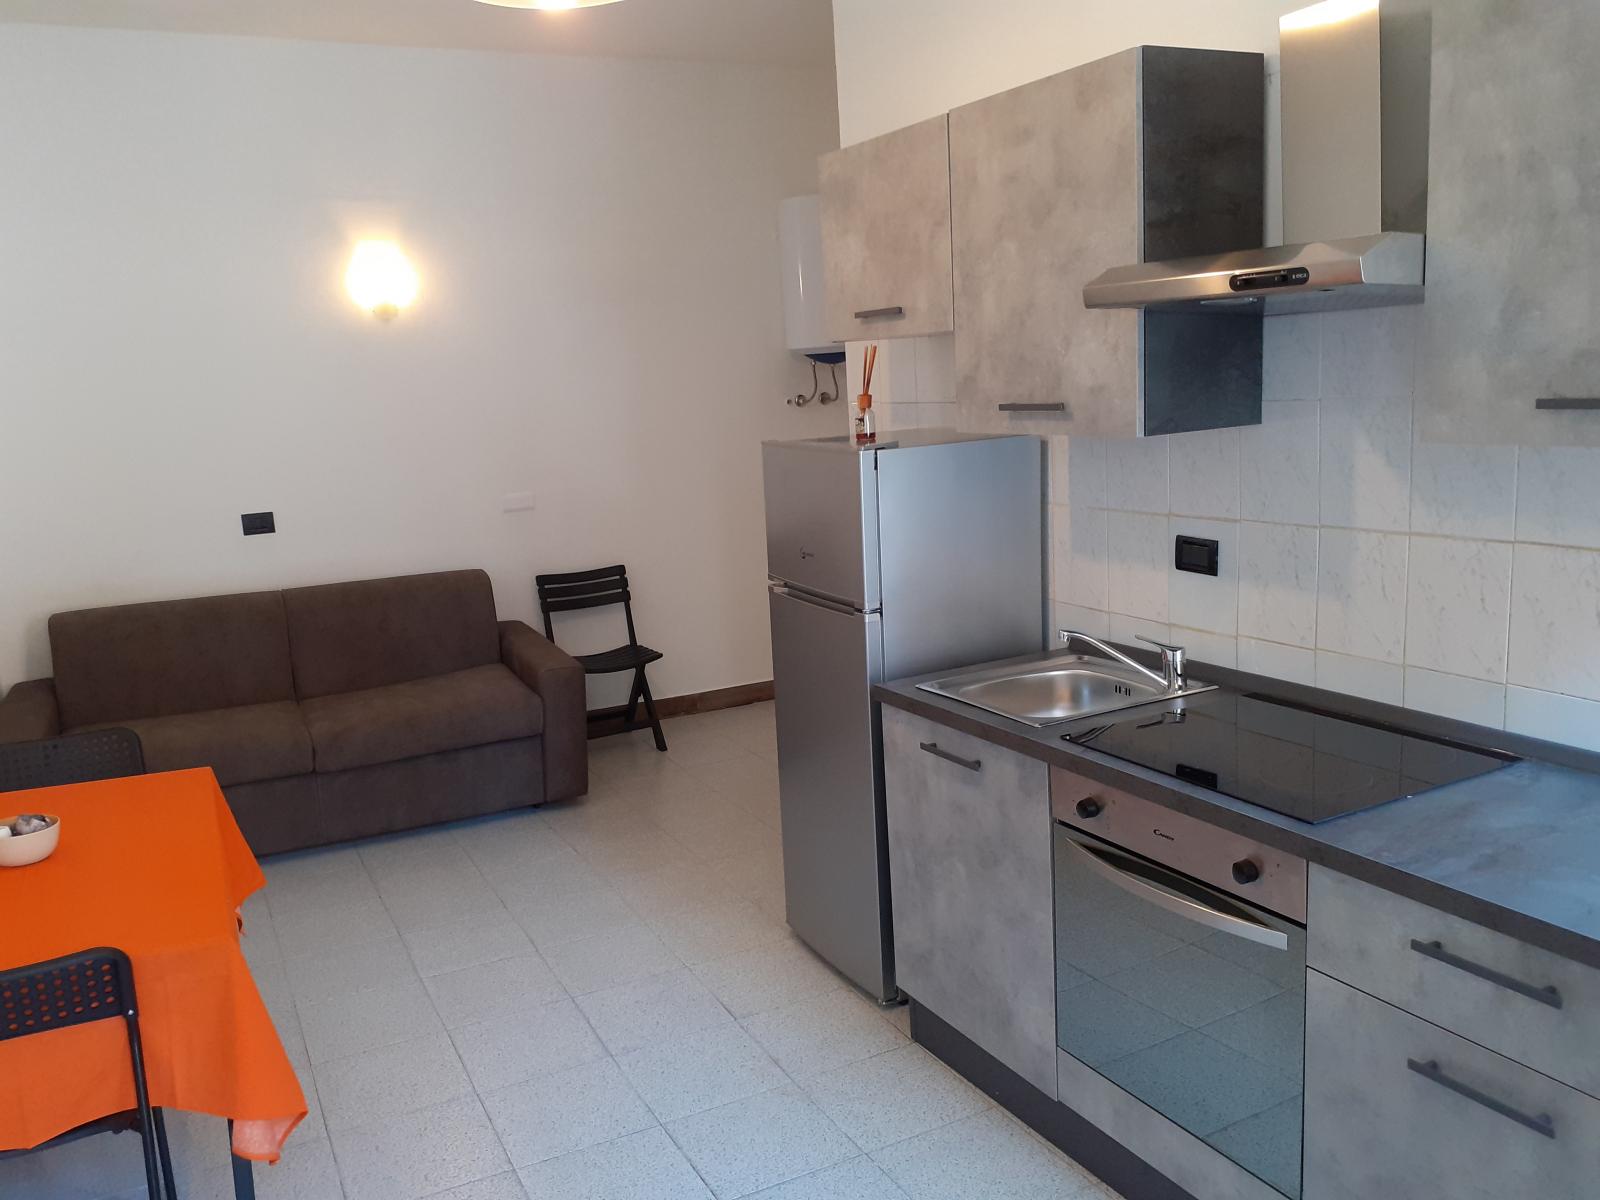 appartamento-in-vendita-a-baggio-milano-monolocale-65.000-euro-spaziourbano-immobiliare-vende-8